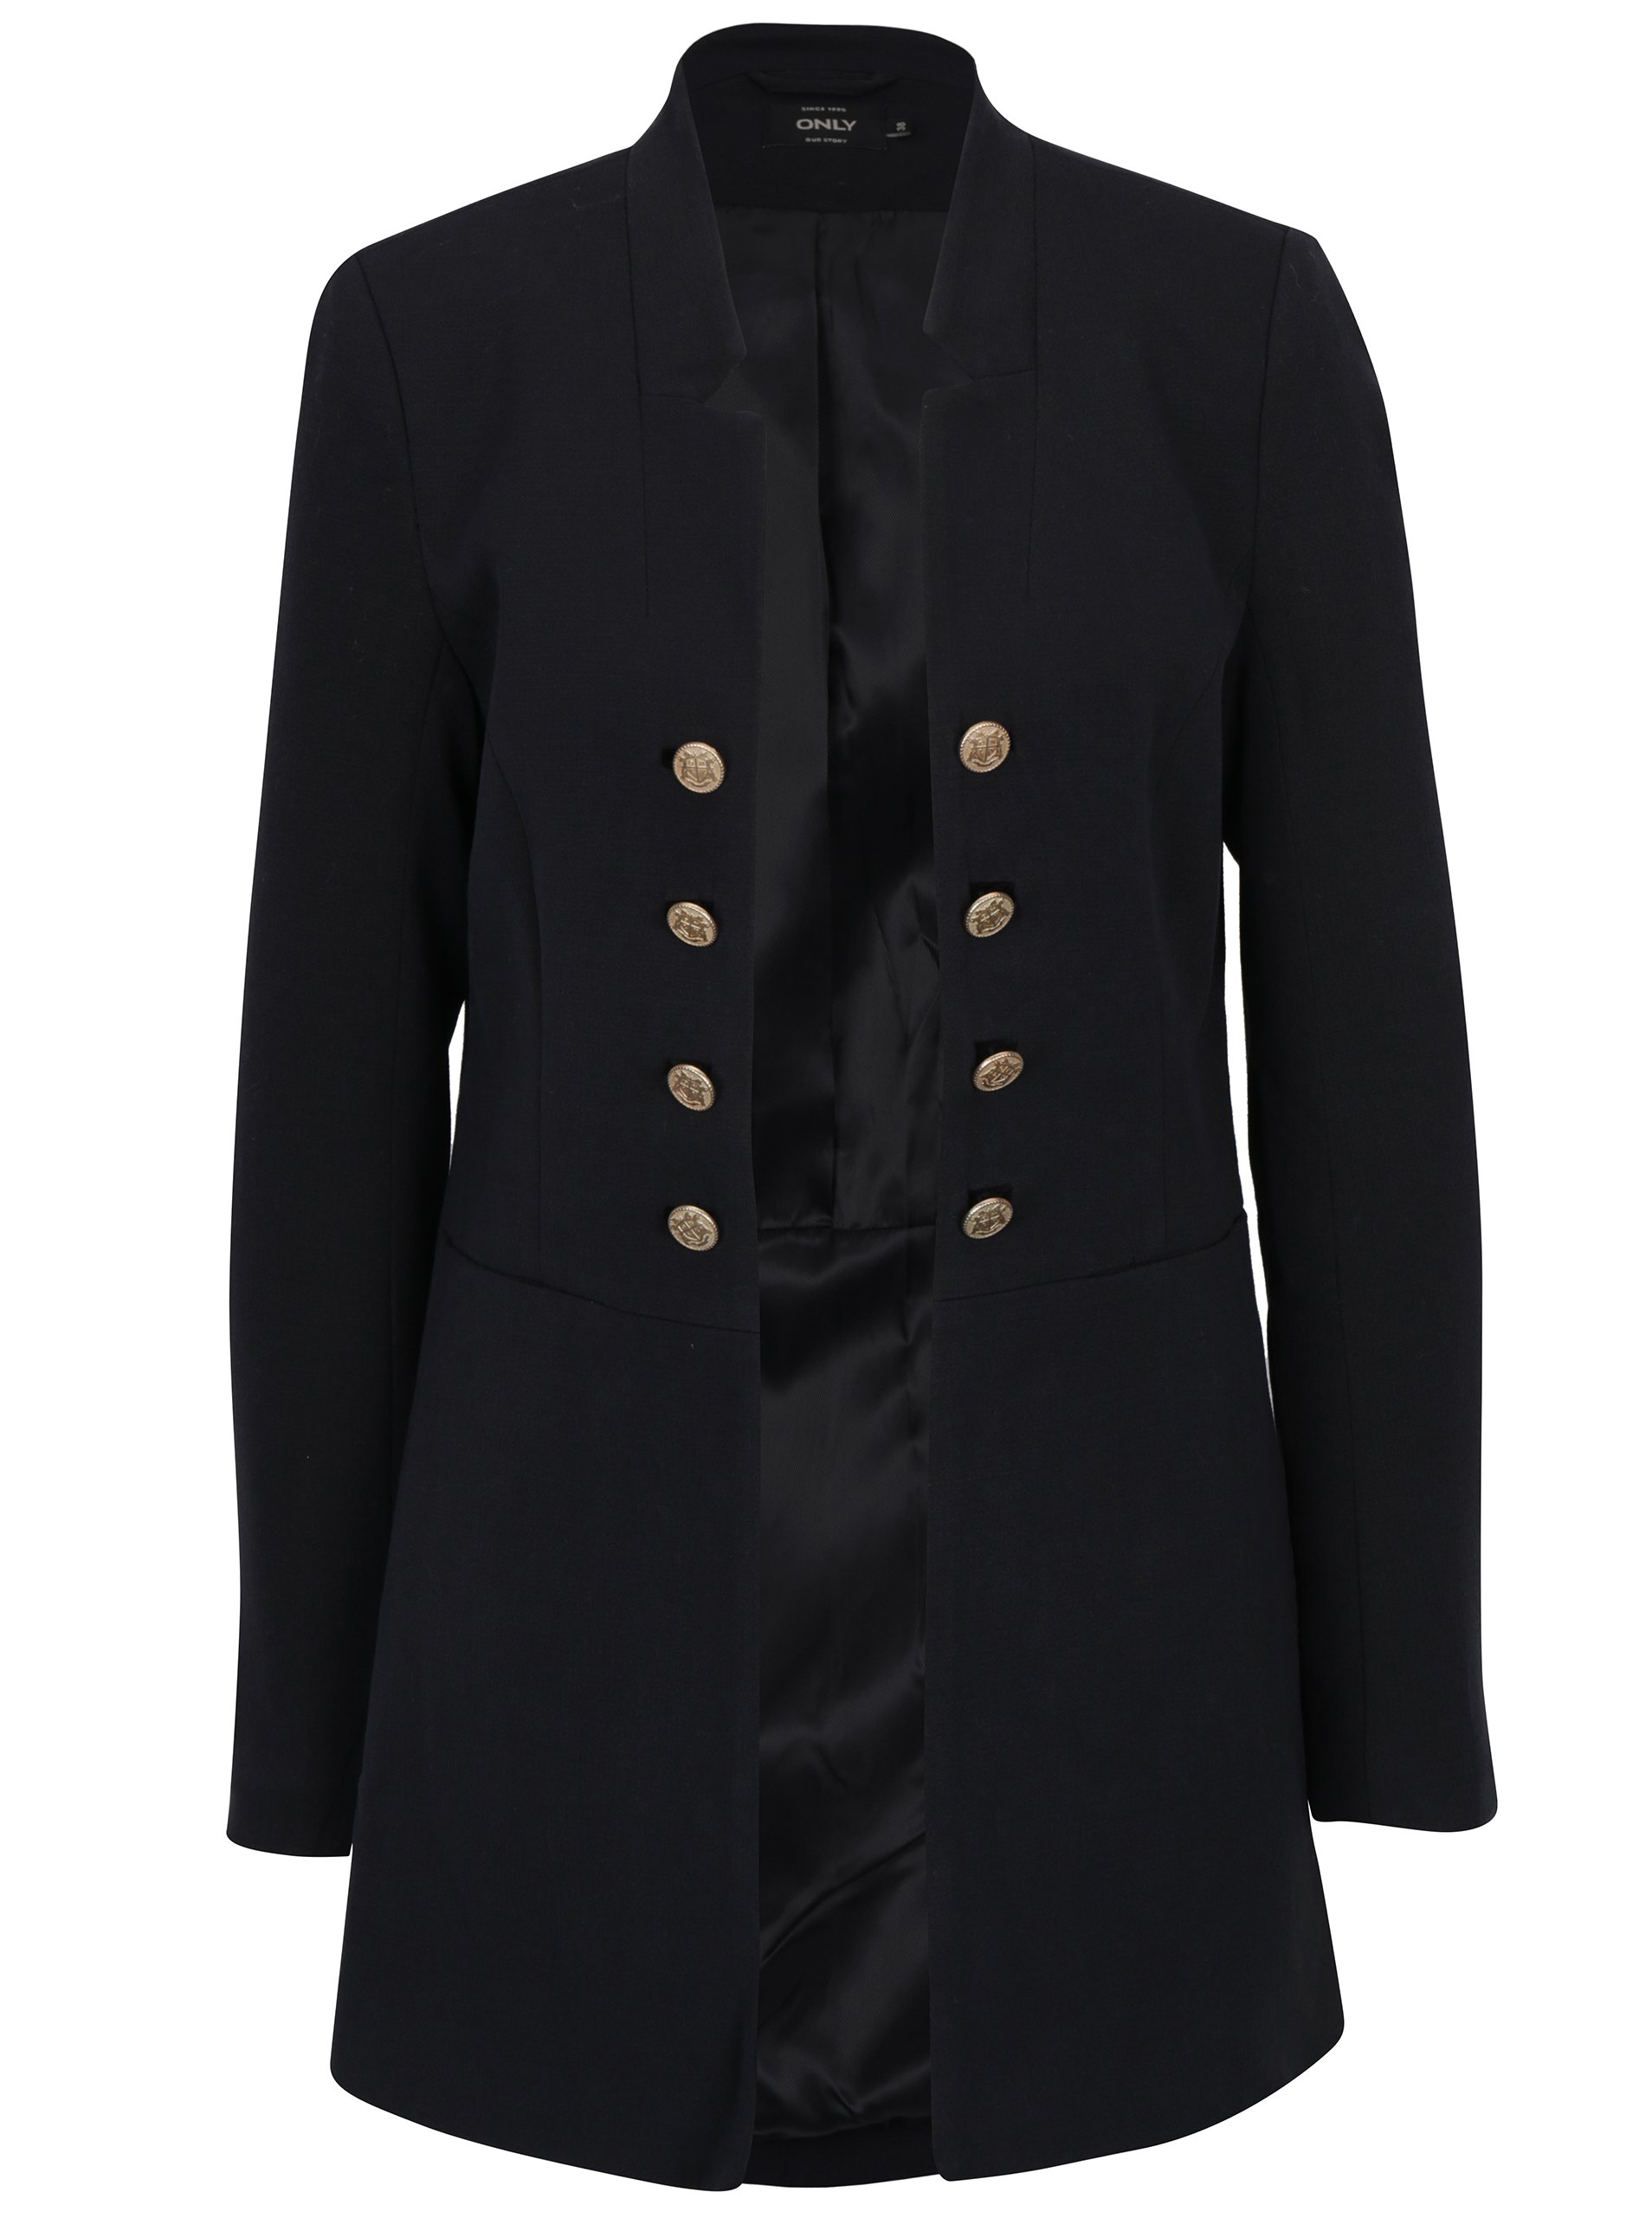 černé dlouhé sako s ozdobnými knoflíky ONLY Jemina